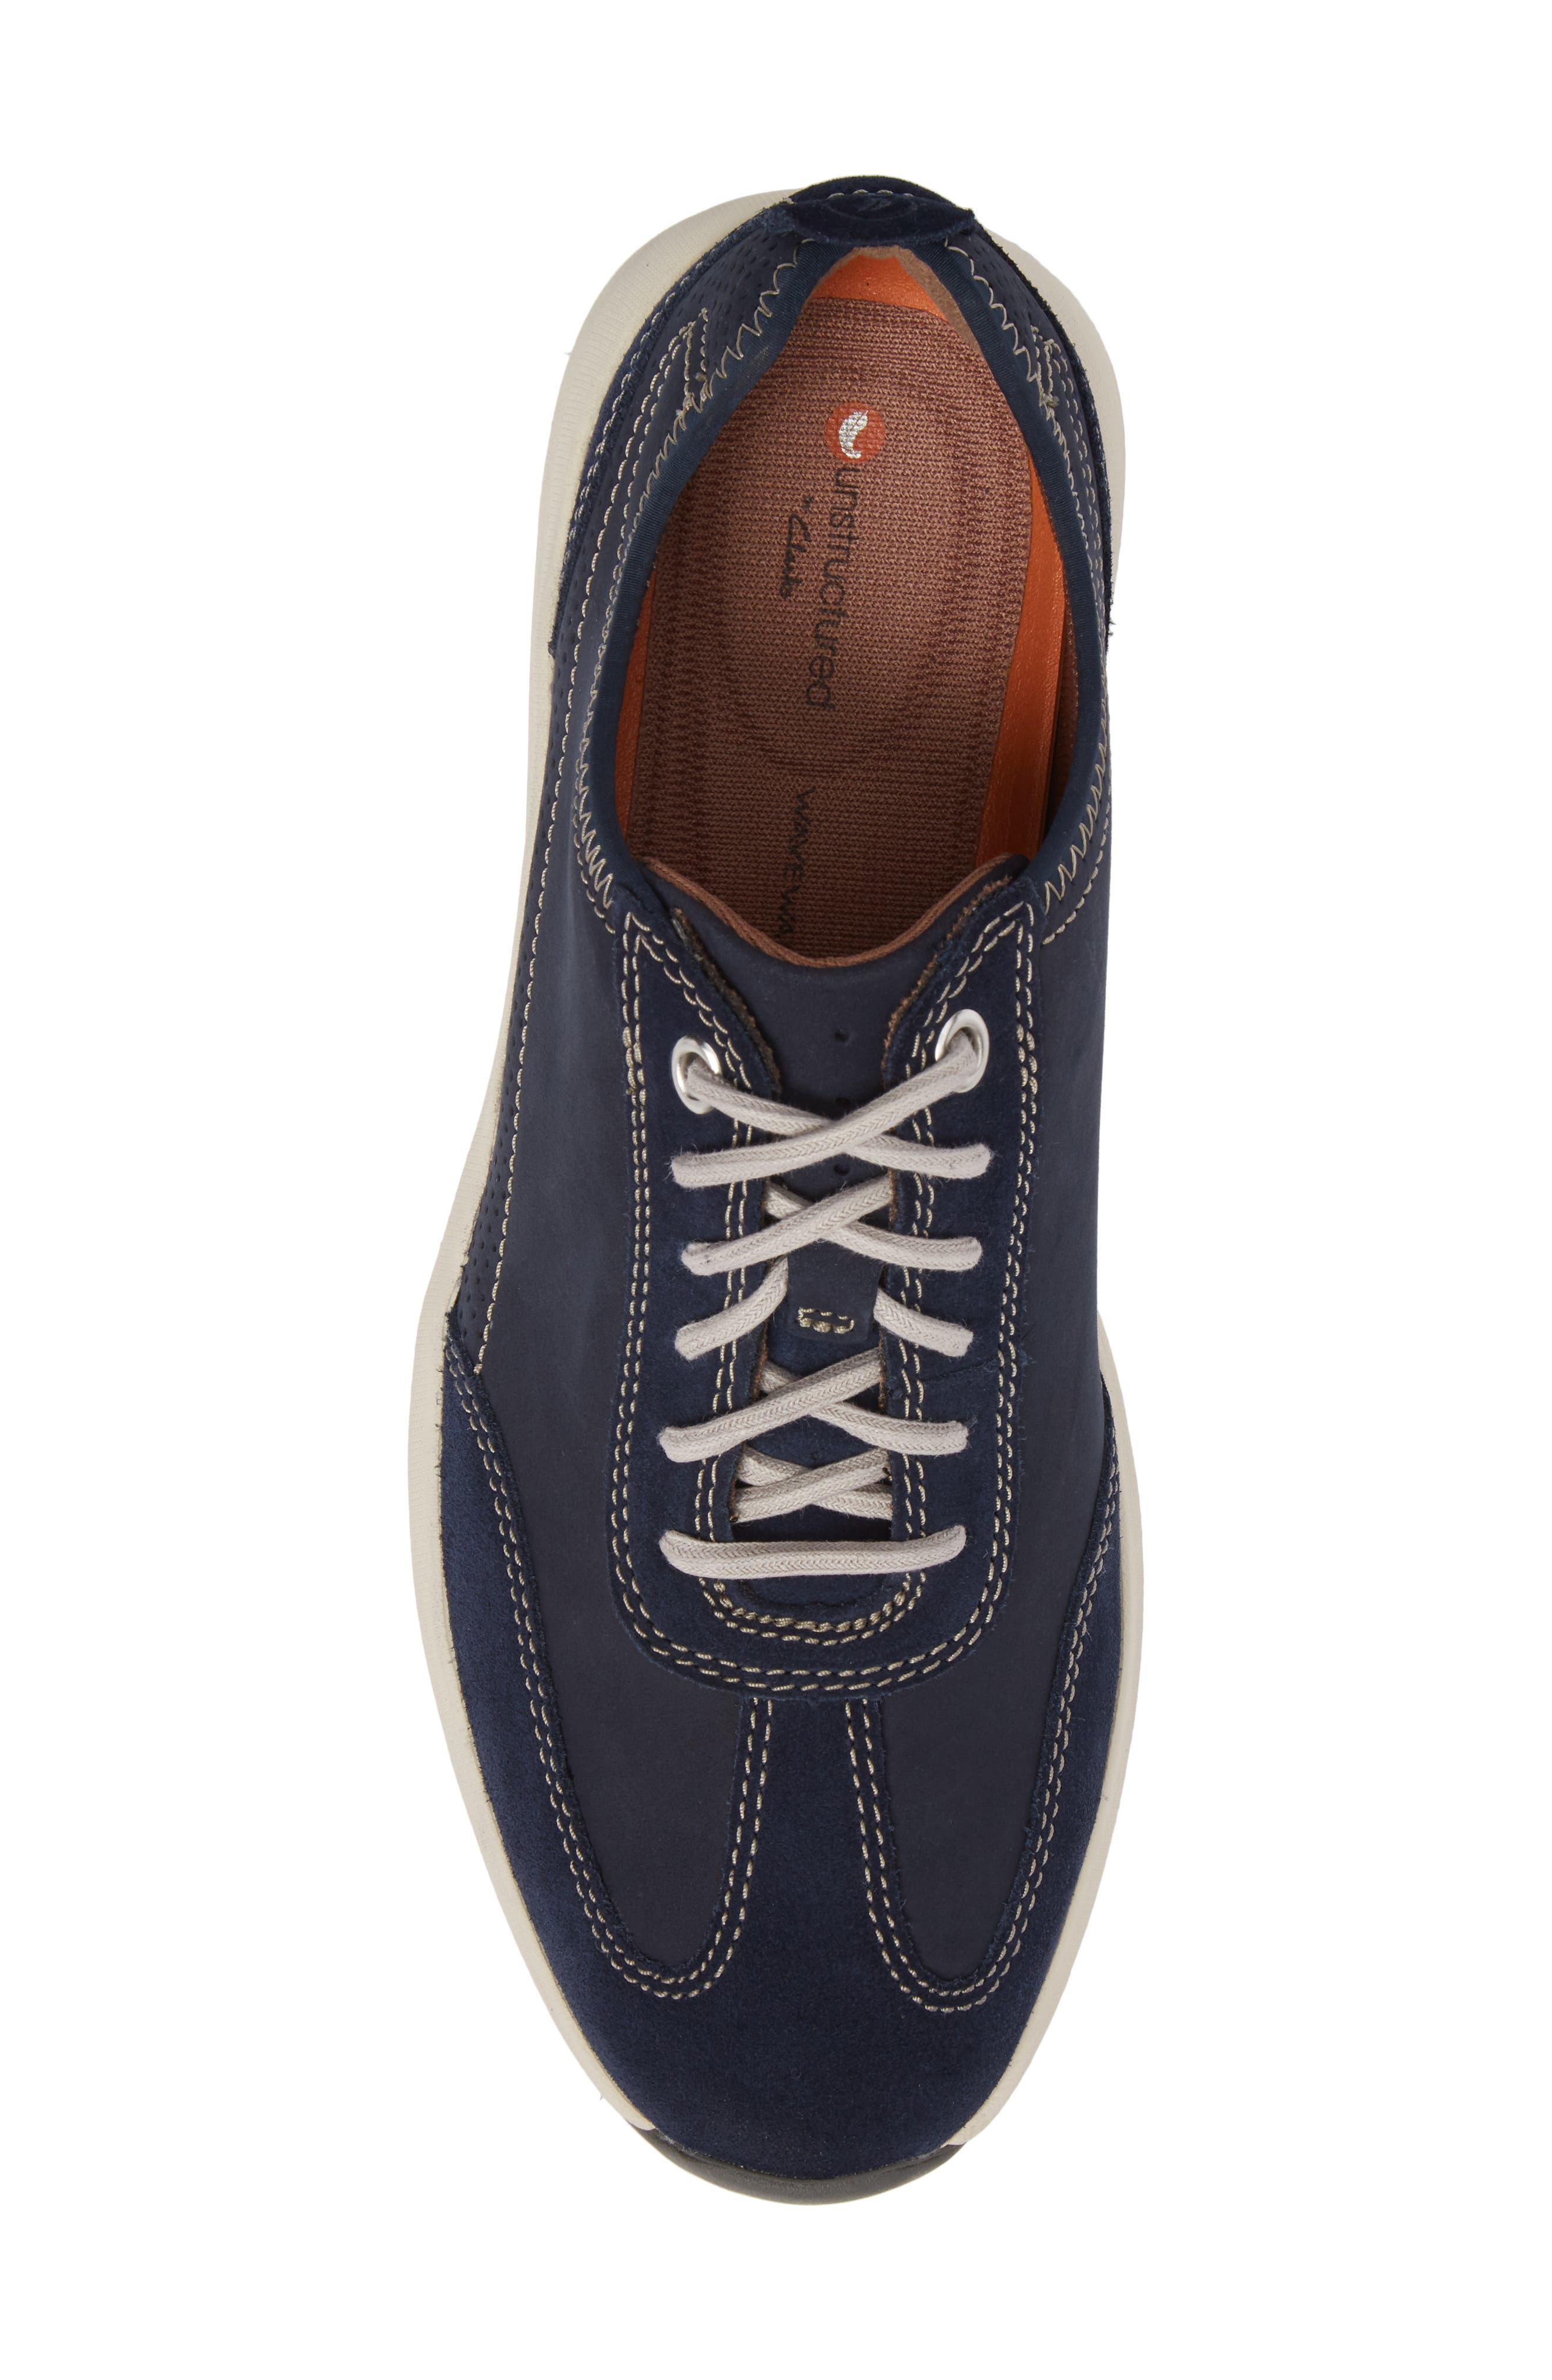 Clarks<sup>®</sup> Un Coast Low Top Sneaker,                             Alternate thumbnail 10, color,